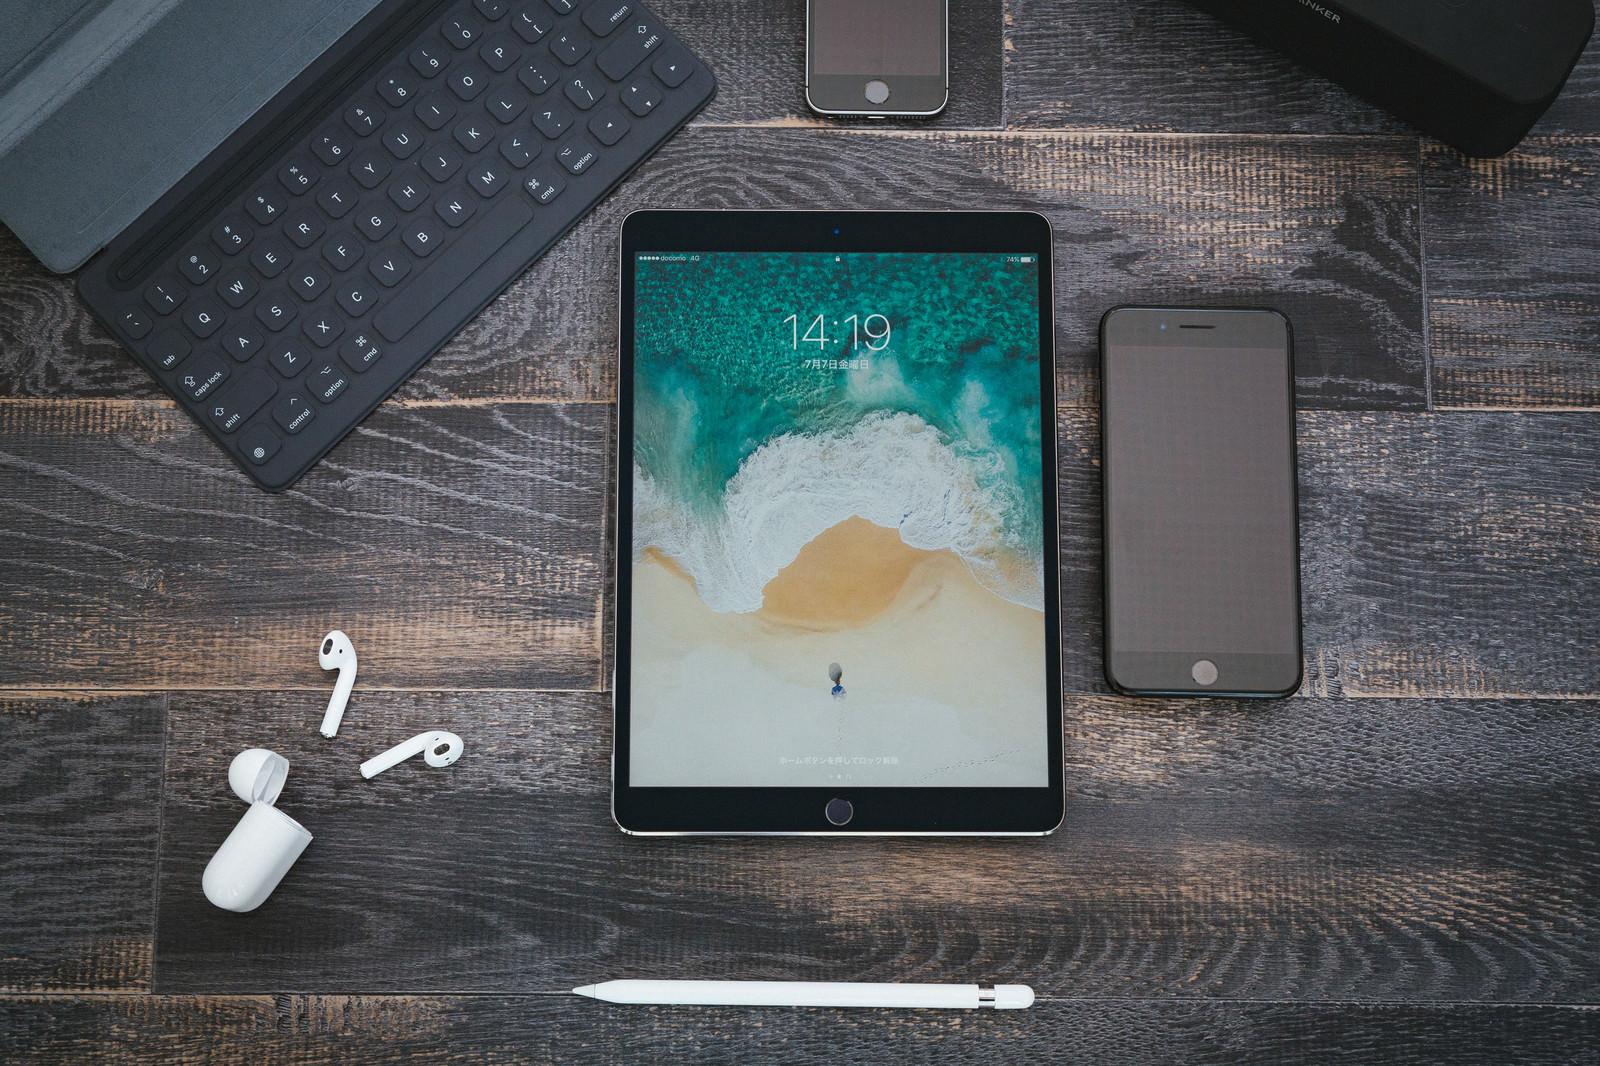 「木目調の床に置かれたスマートフォンやタブレット」の写真